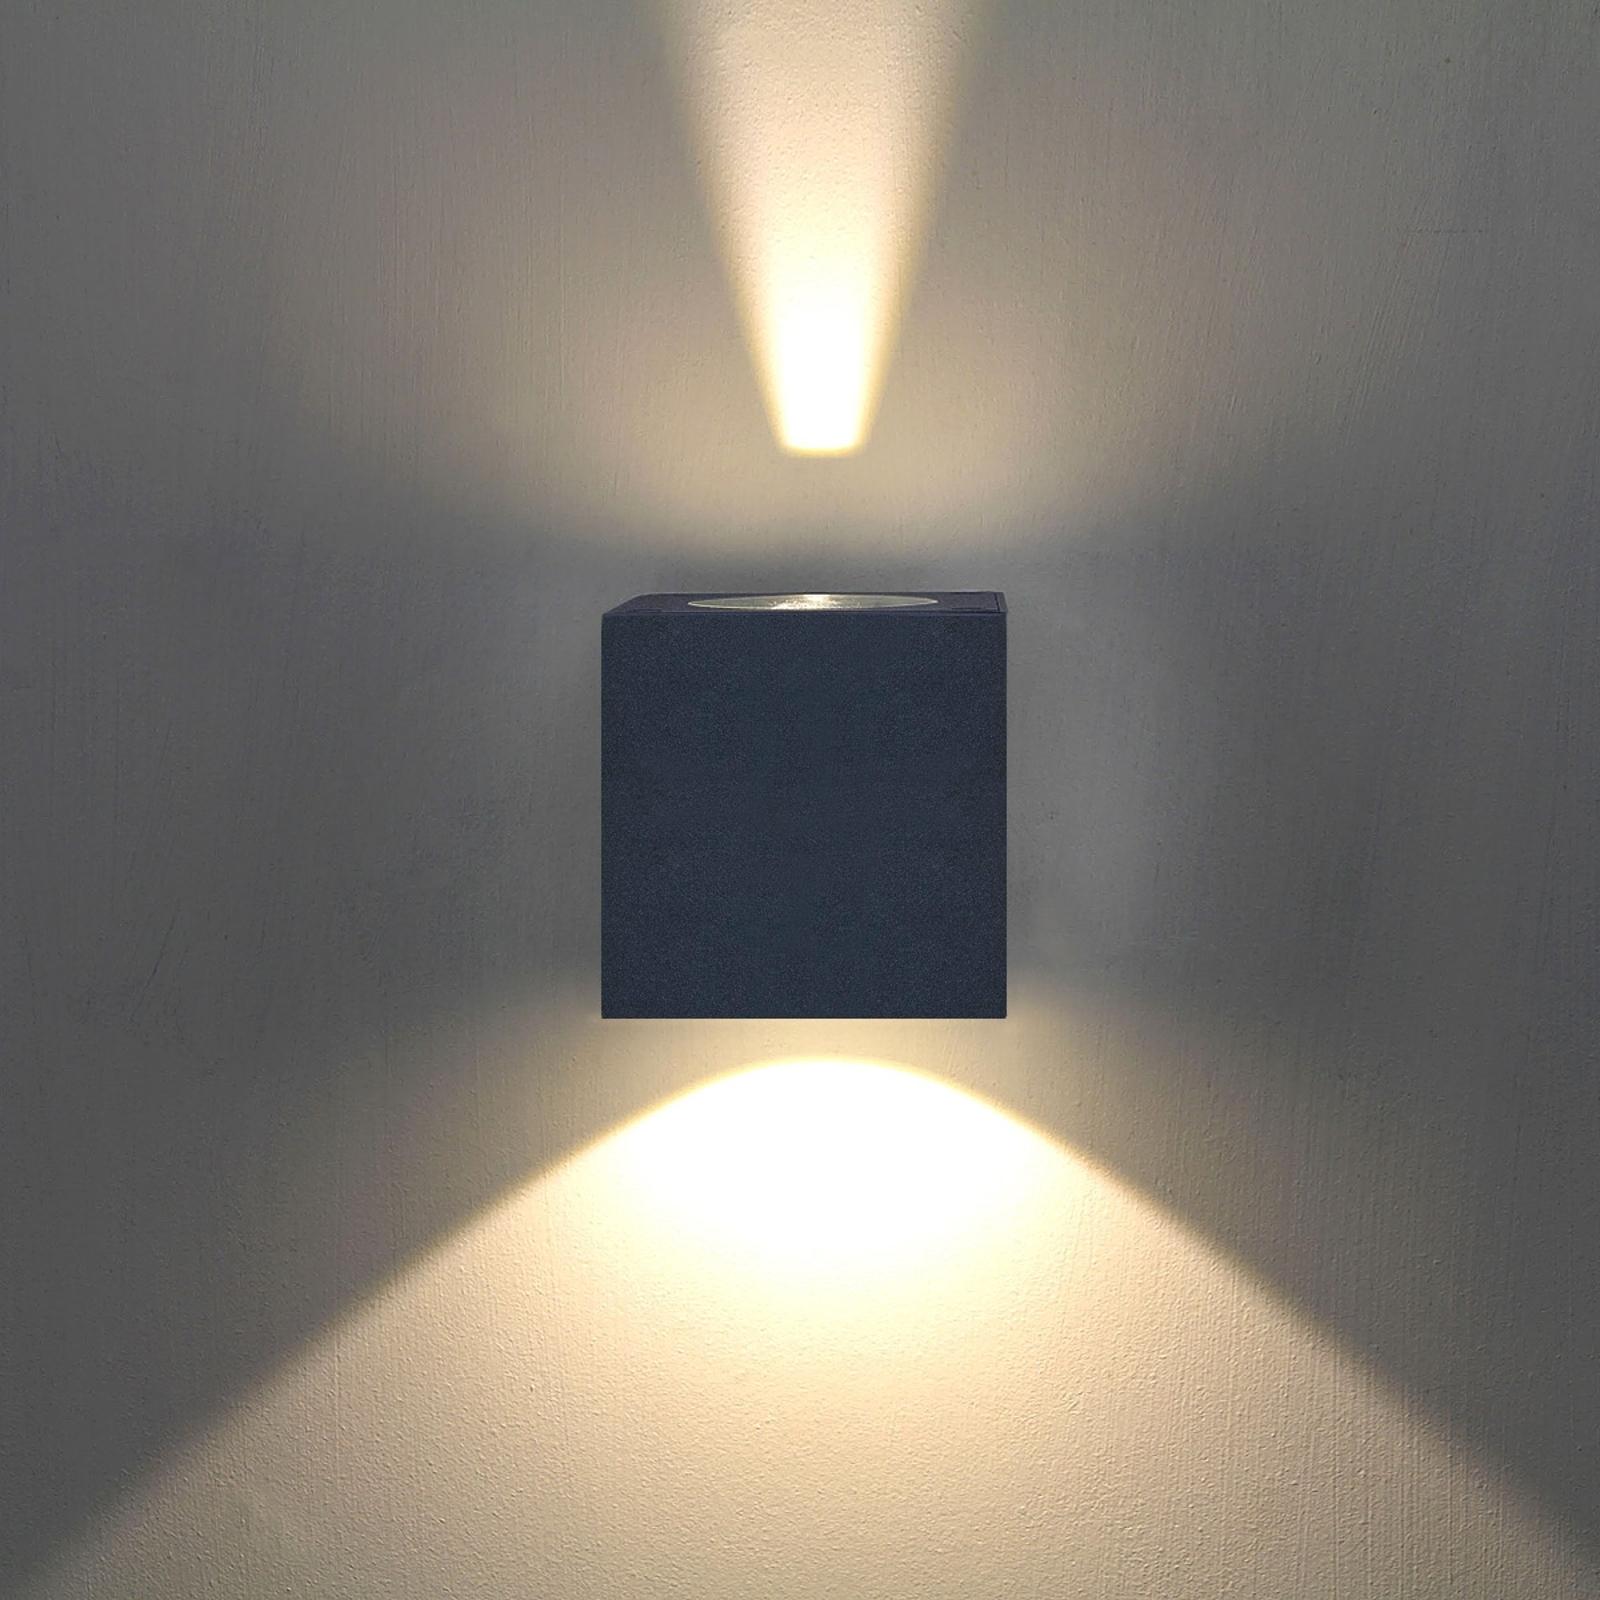 Jarno utendørs LED-vegglampe, grafitt